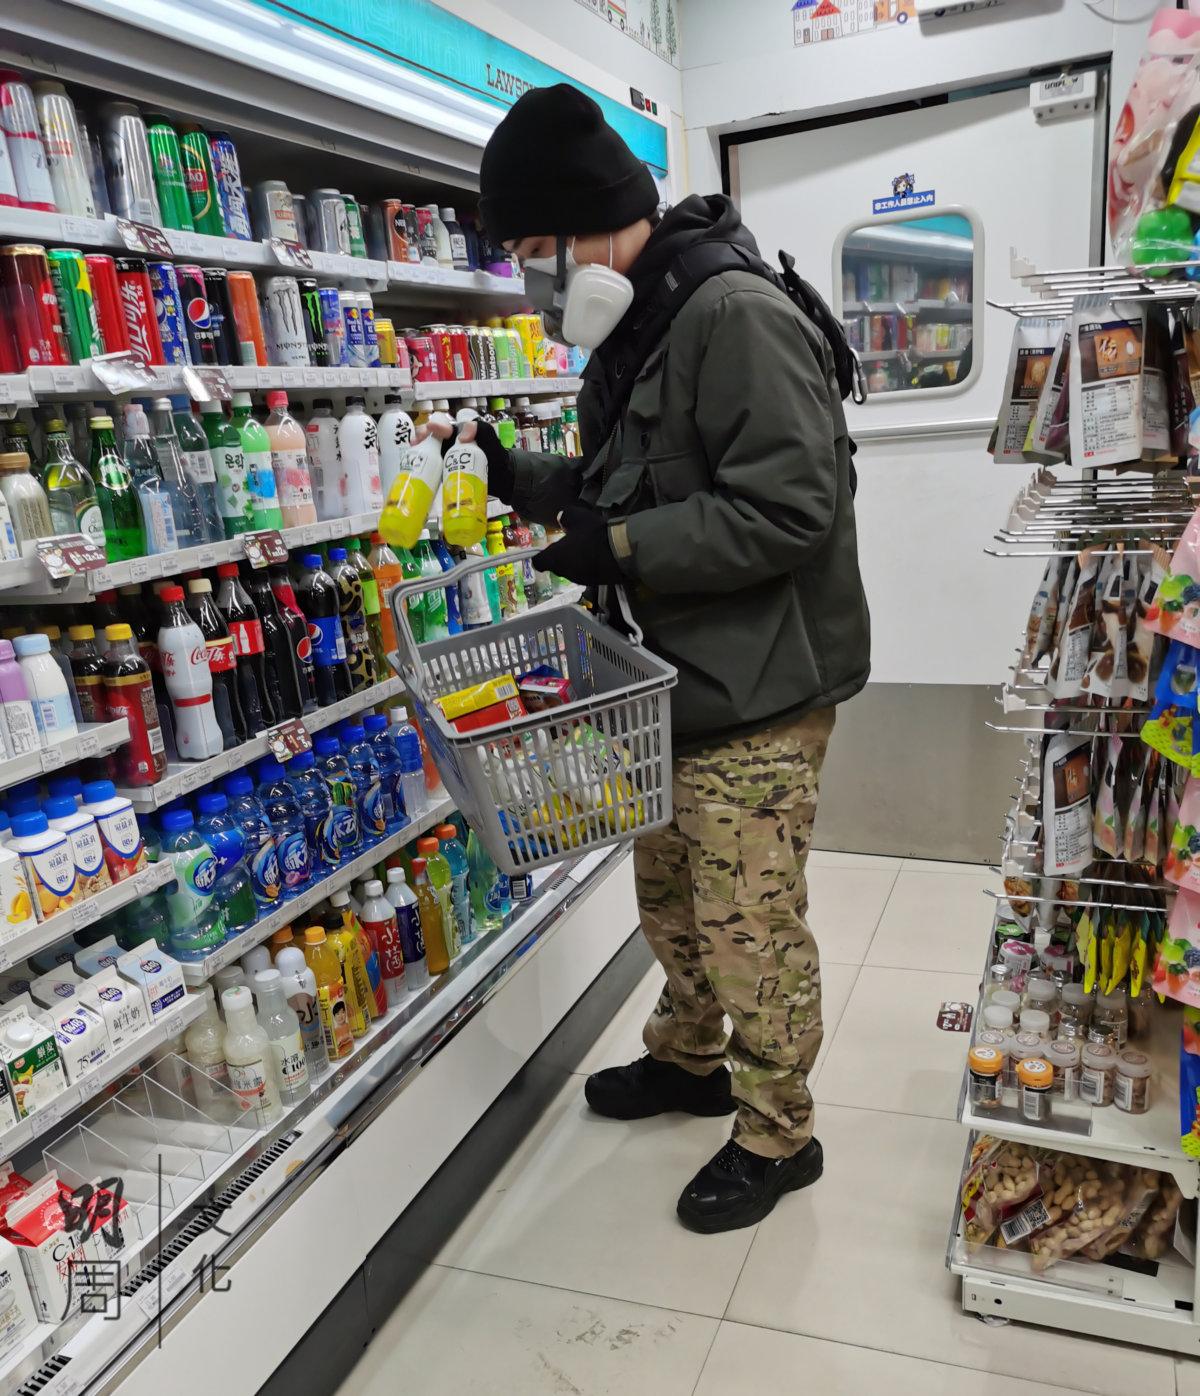 武漢封城消息發佈後,凌晨四點在24小時便利店搶購的市民